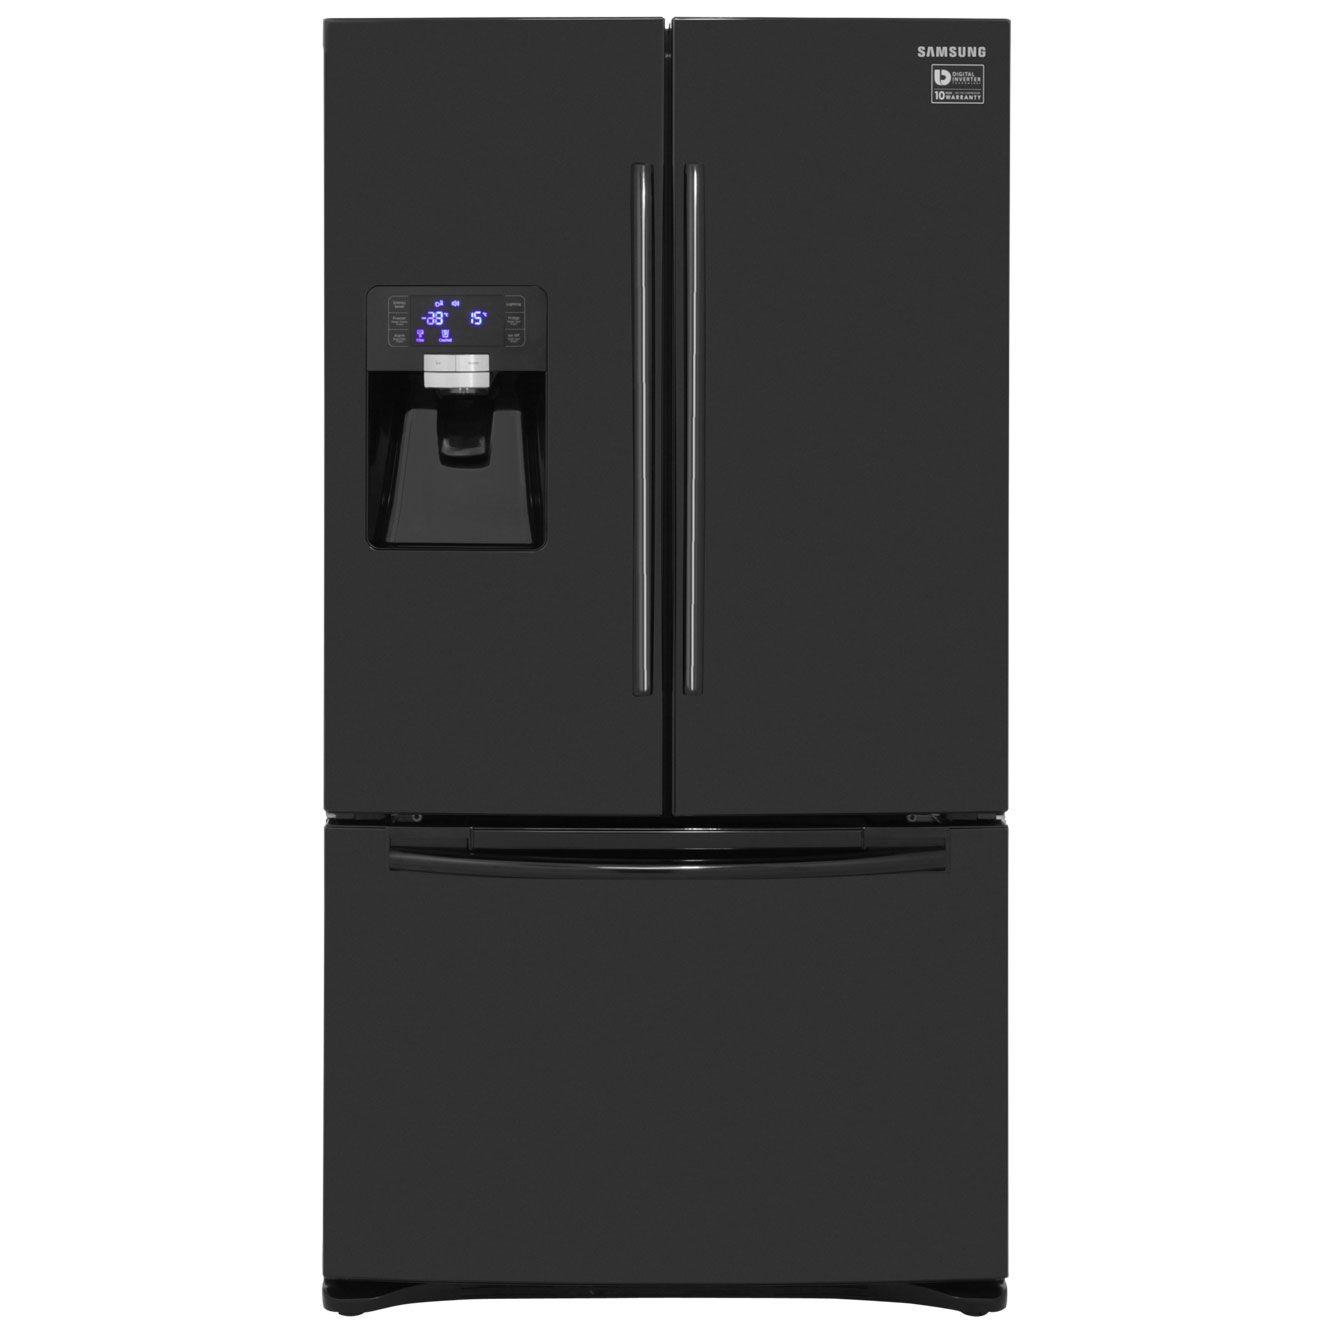 Samsung G-Series RFG23UEBP American Fridge Freezer - Black | Kitchen ...